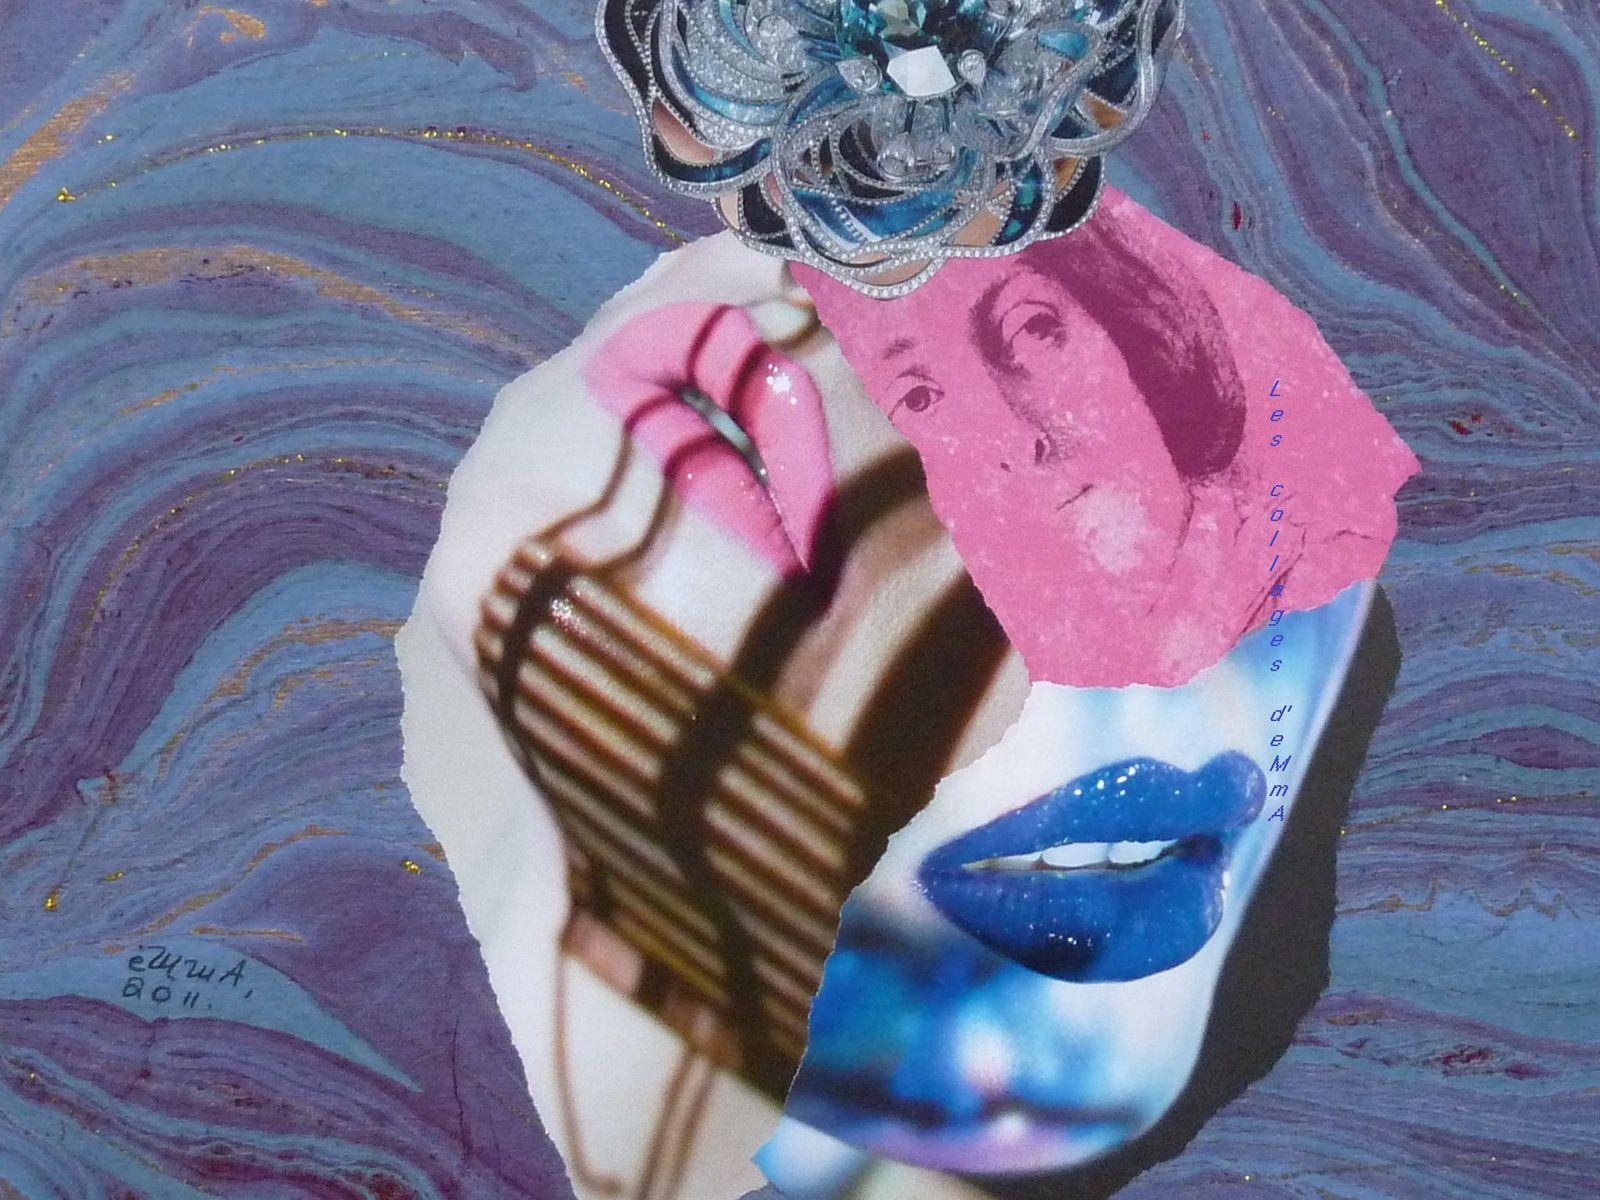 """Les Collages d'eMmA MessanA, collage """"L'Amuse Bouche"""", pièce unique © eMmA MessanA"""